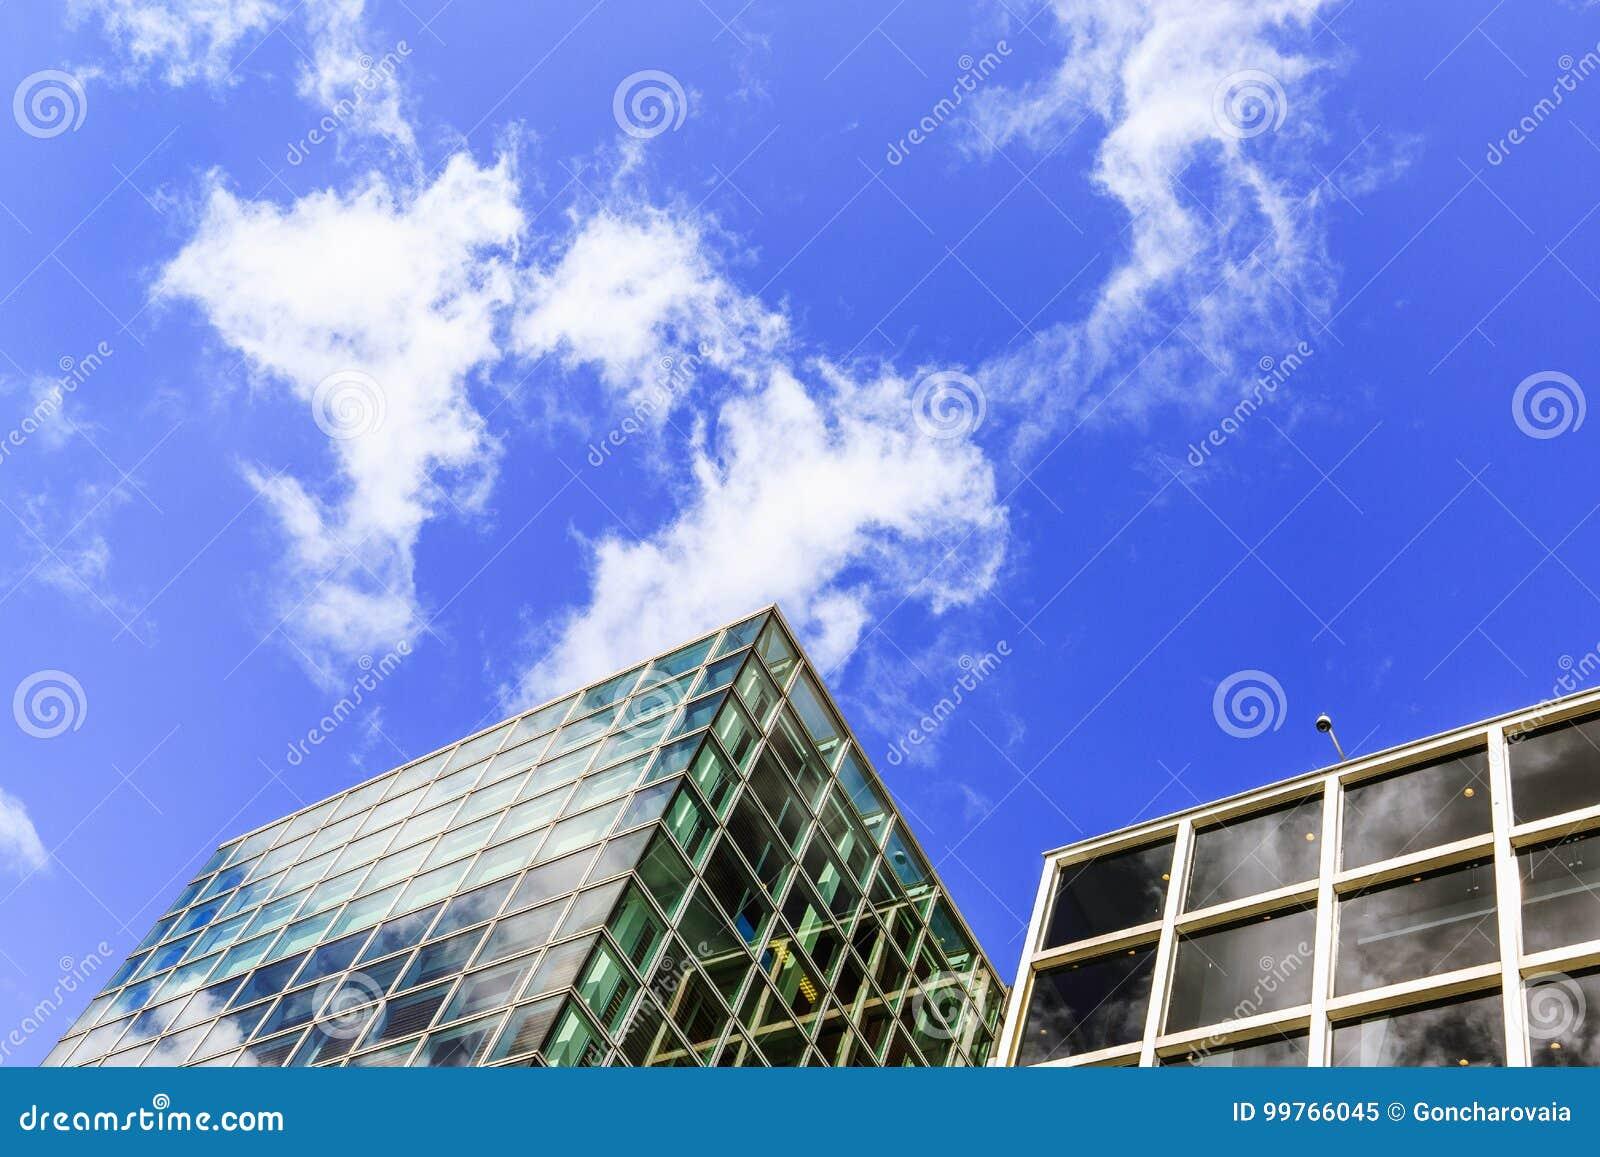 Yttre design för moderna stadsbyggnader, glass fasader Yttersida av Van Gogh Museum är en konstmusem i Amsterdam, Nederländerna